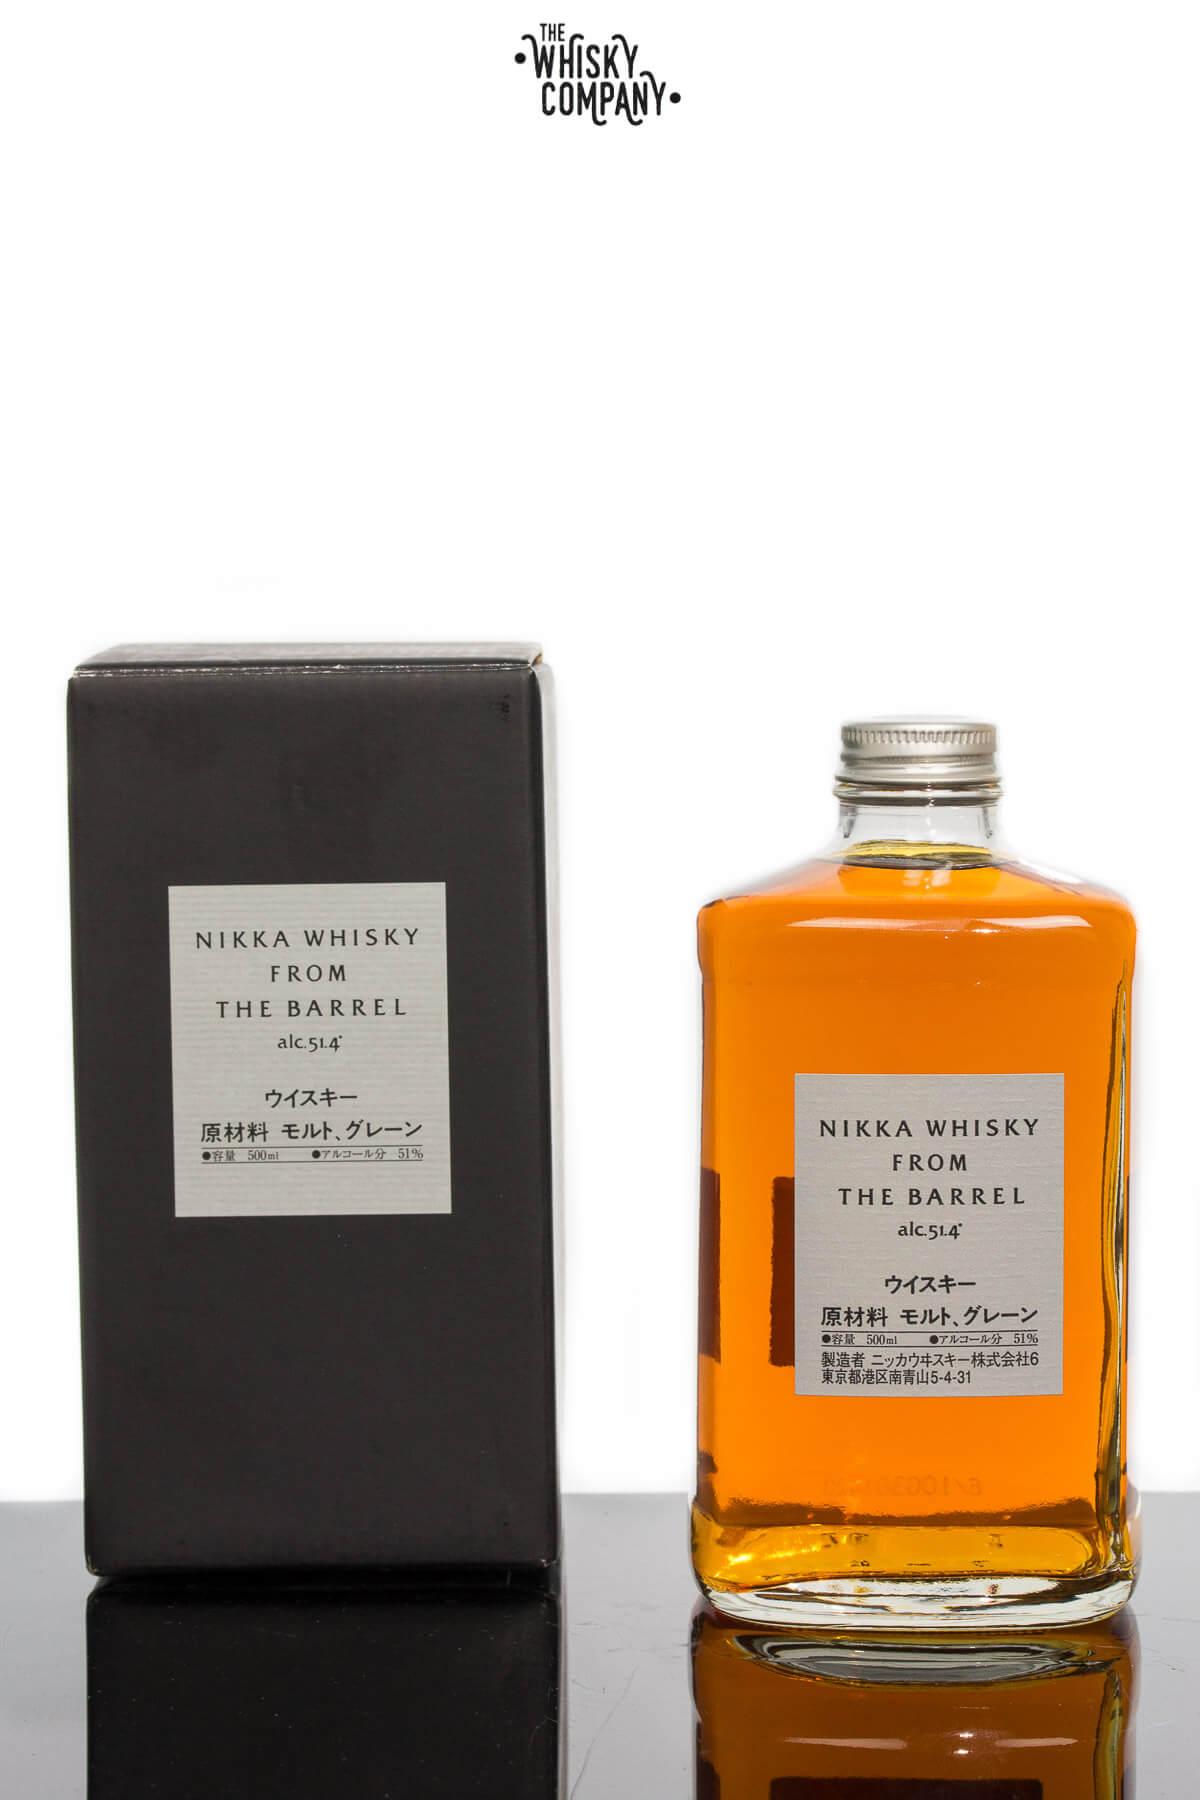 Nikka From The Barrel Japanese Whisky (500ml)